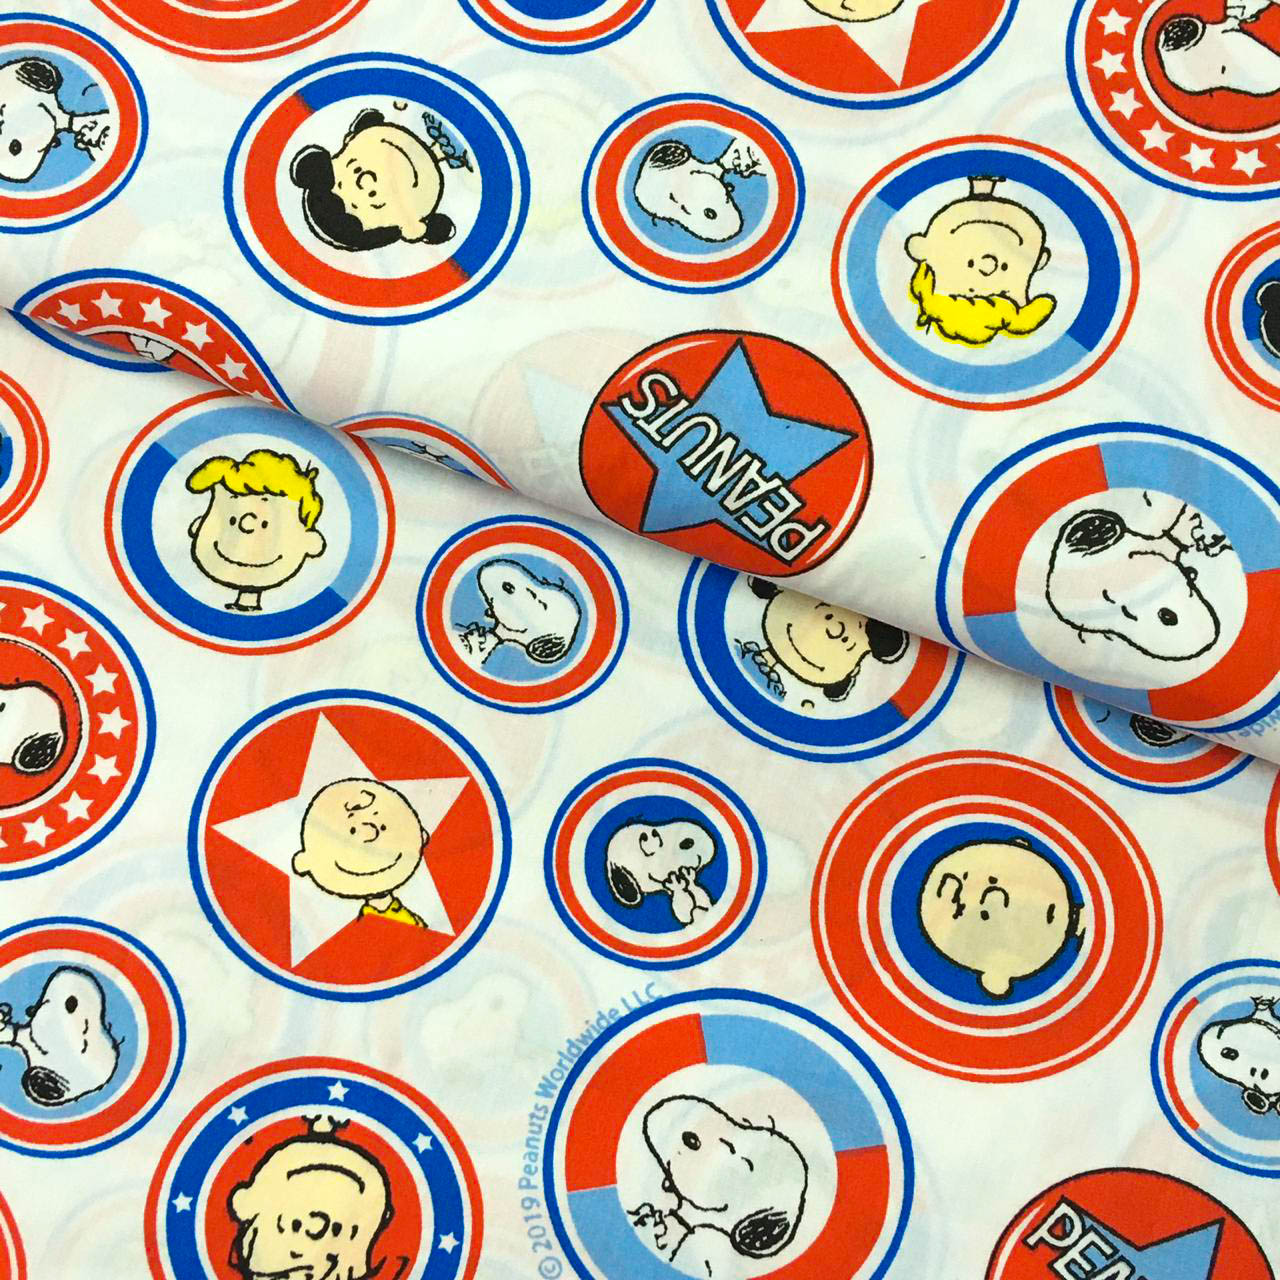 Retalho Tecido Snoopy Buttons Fd Branco (50x36cm)